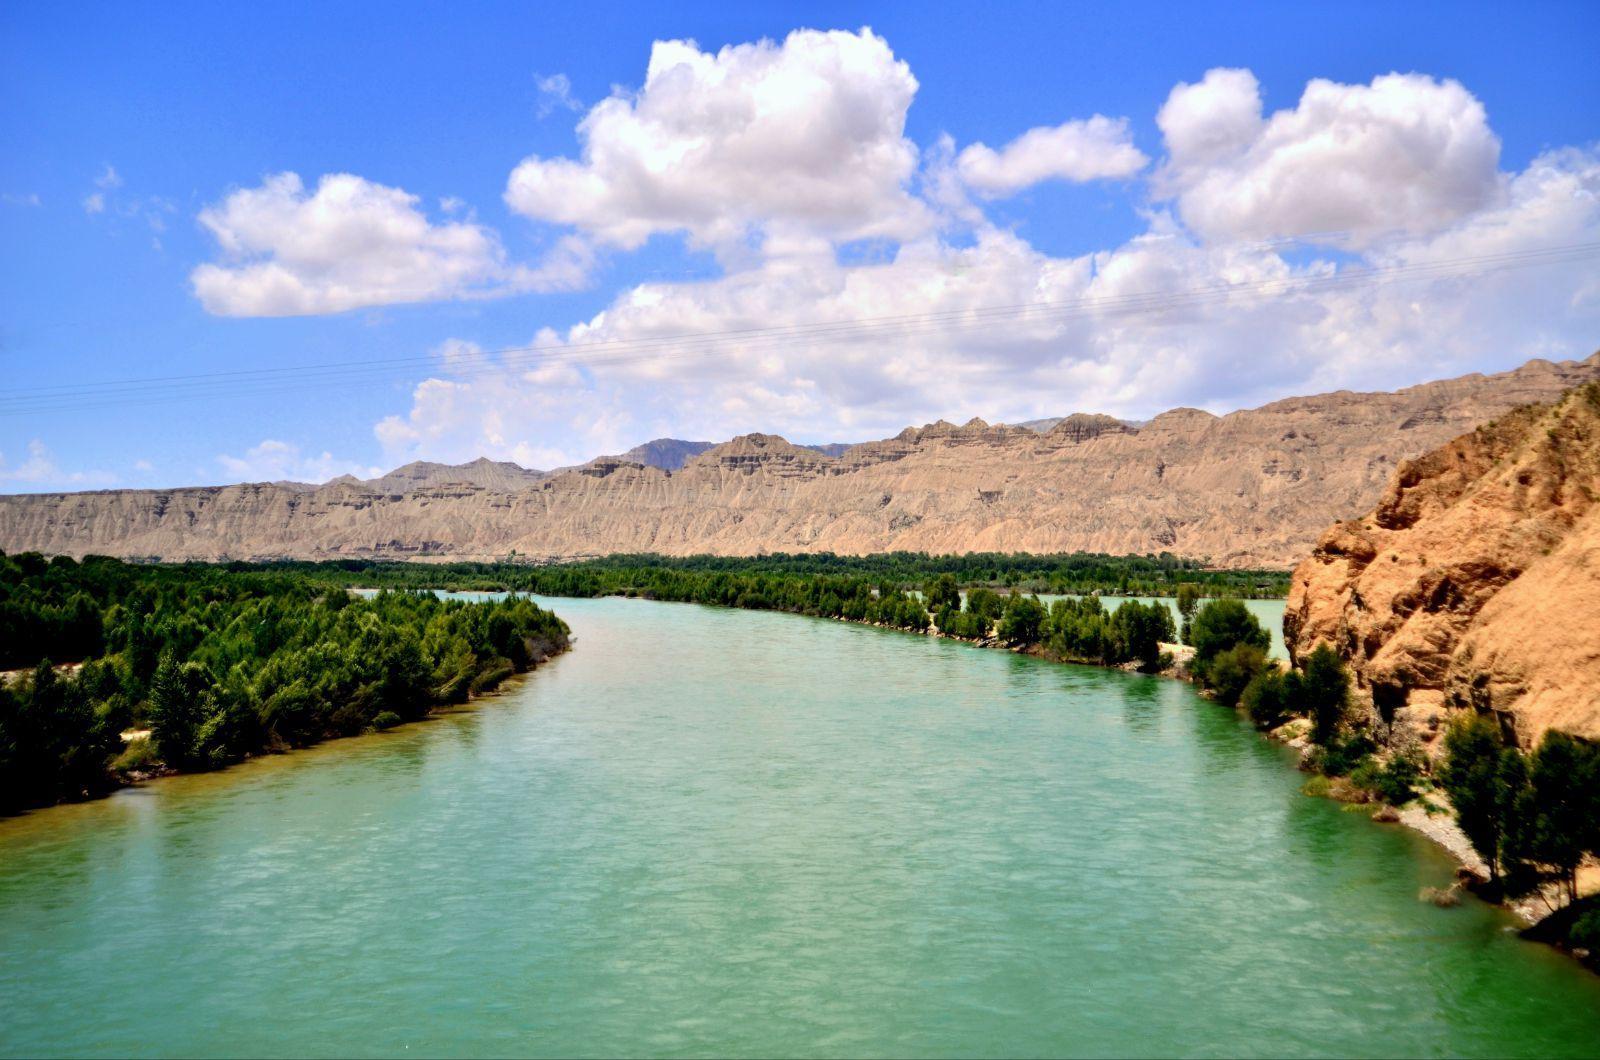 塔尔寺,位于青海省西宁市西南25公里处的湟中县城鲁沙尔镇,得名于